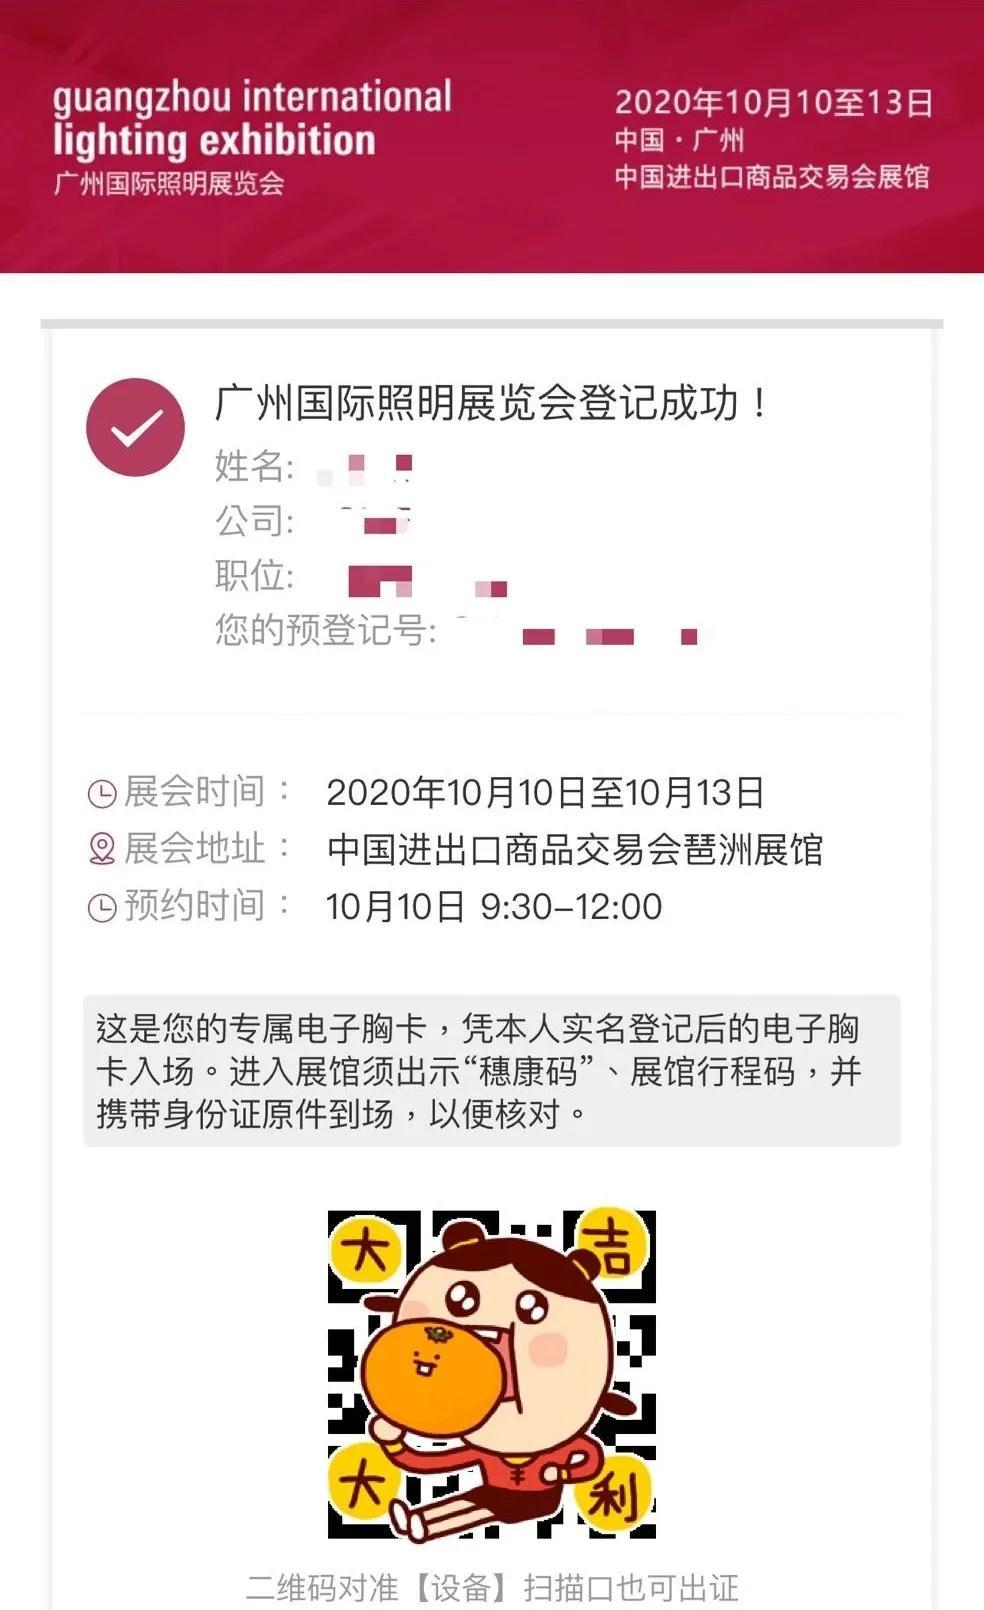 广州国际照明展览会